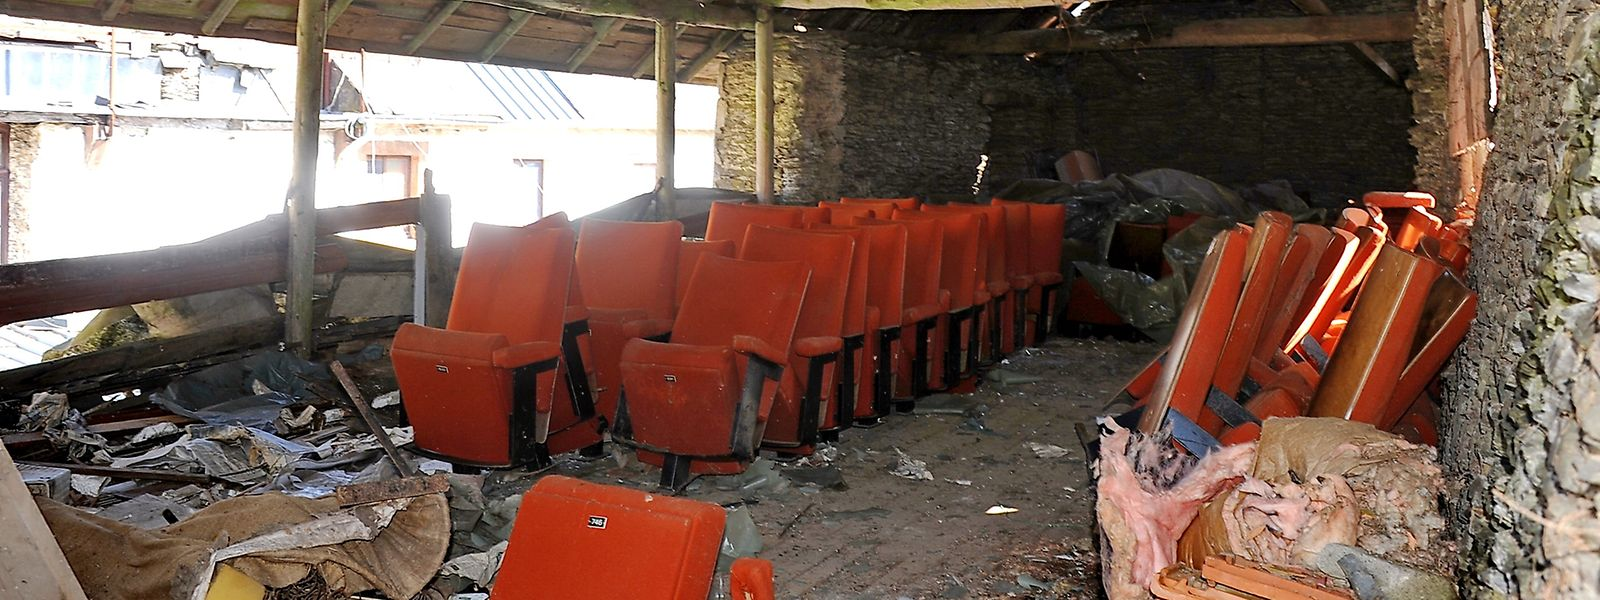 Die rund 150 Stühle standen mehrere Jahre in einer Scheune in Enscheringen und waren dennoch äußerst gut erhalten. Nun sind sie über das ganze Land verstreut.